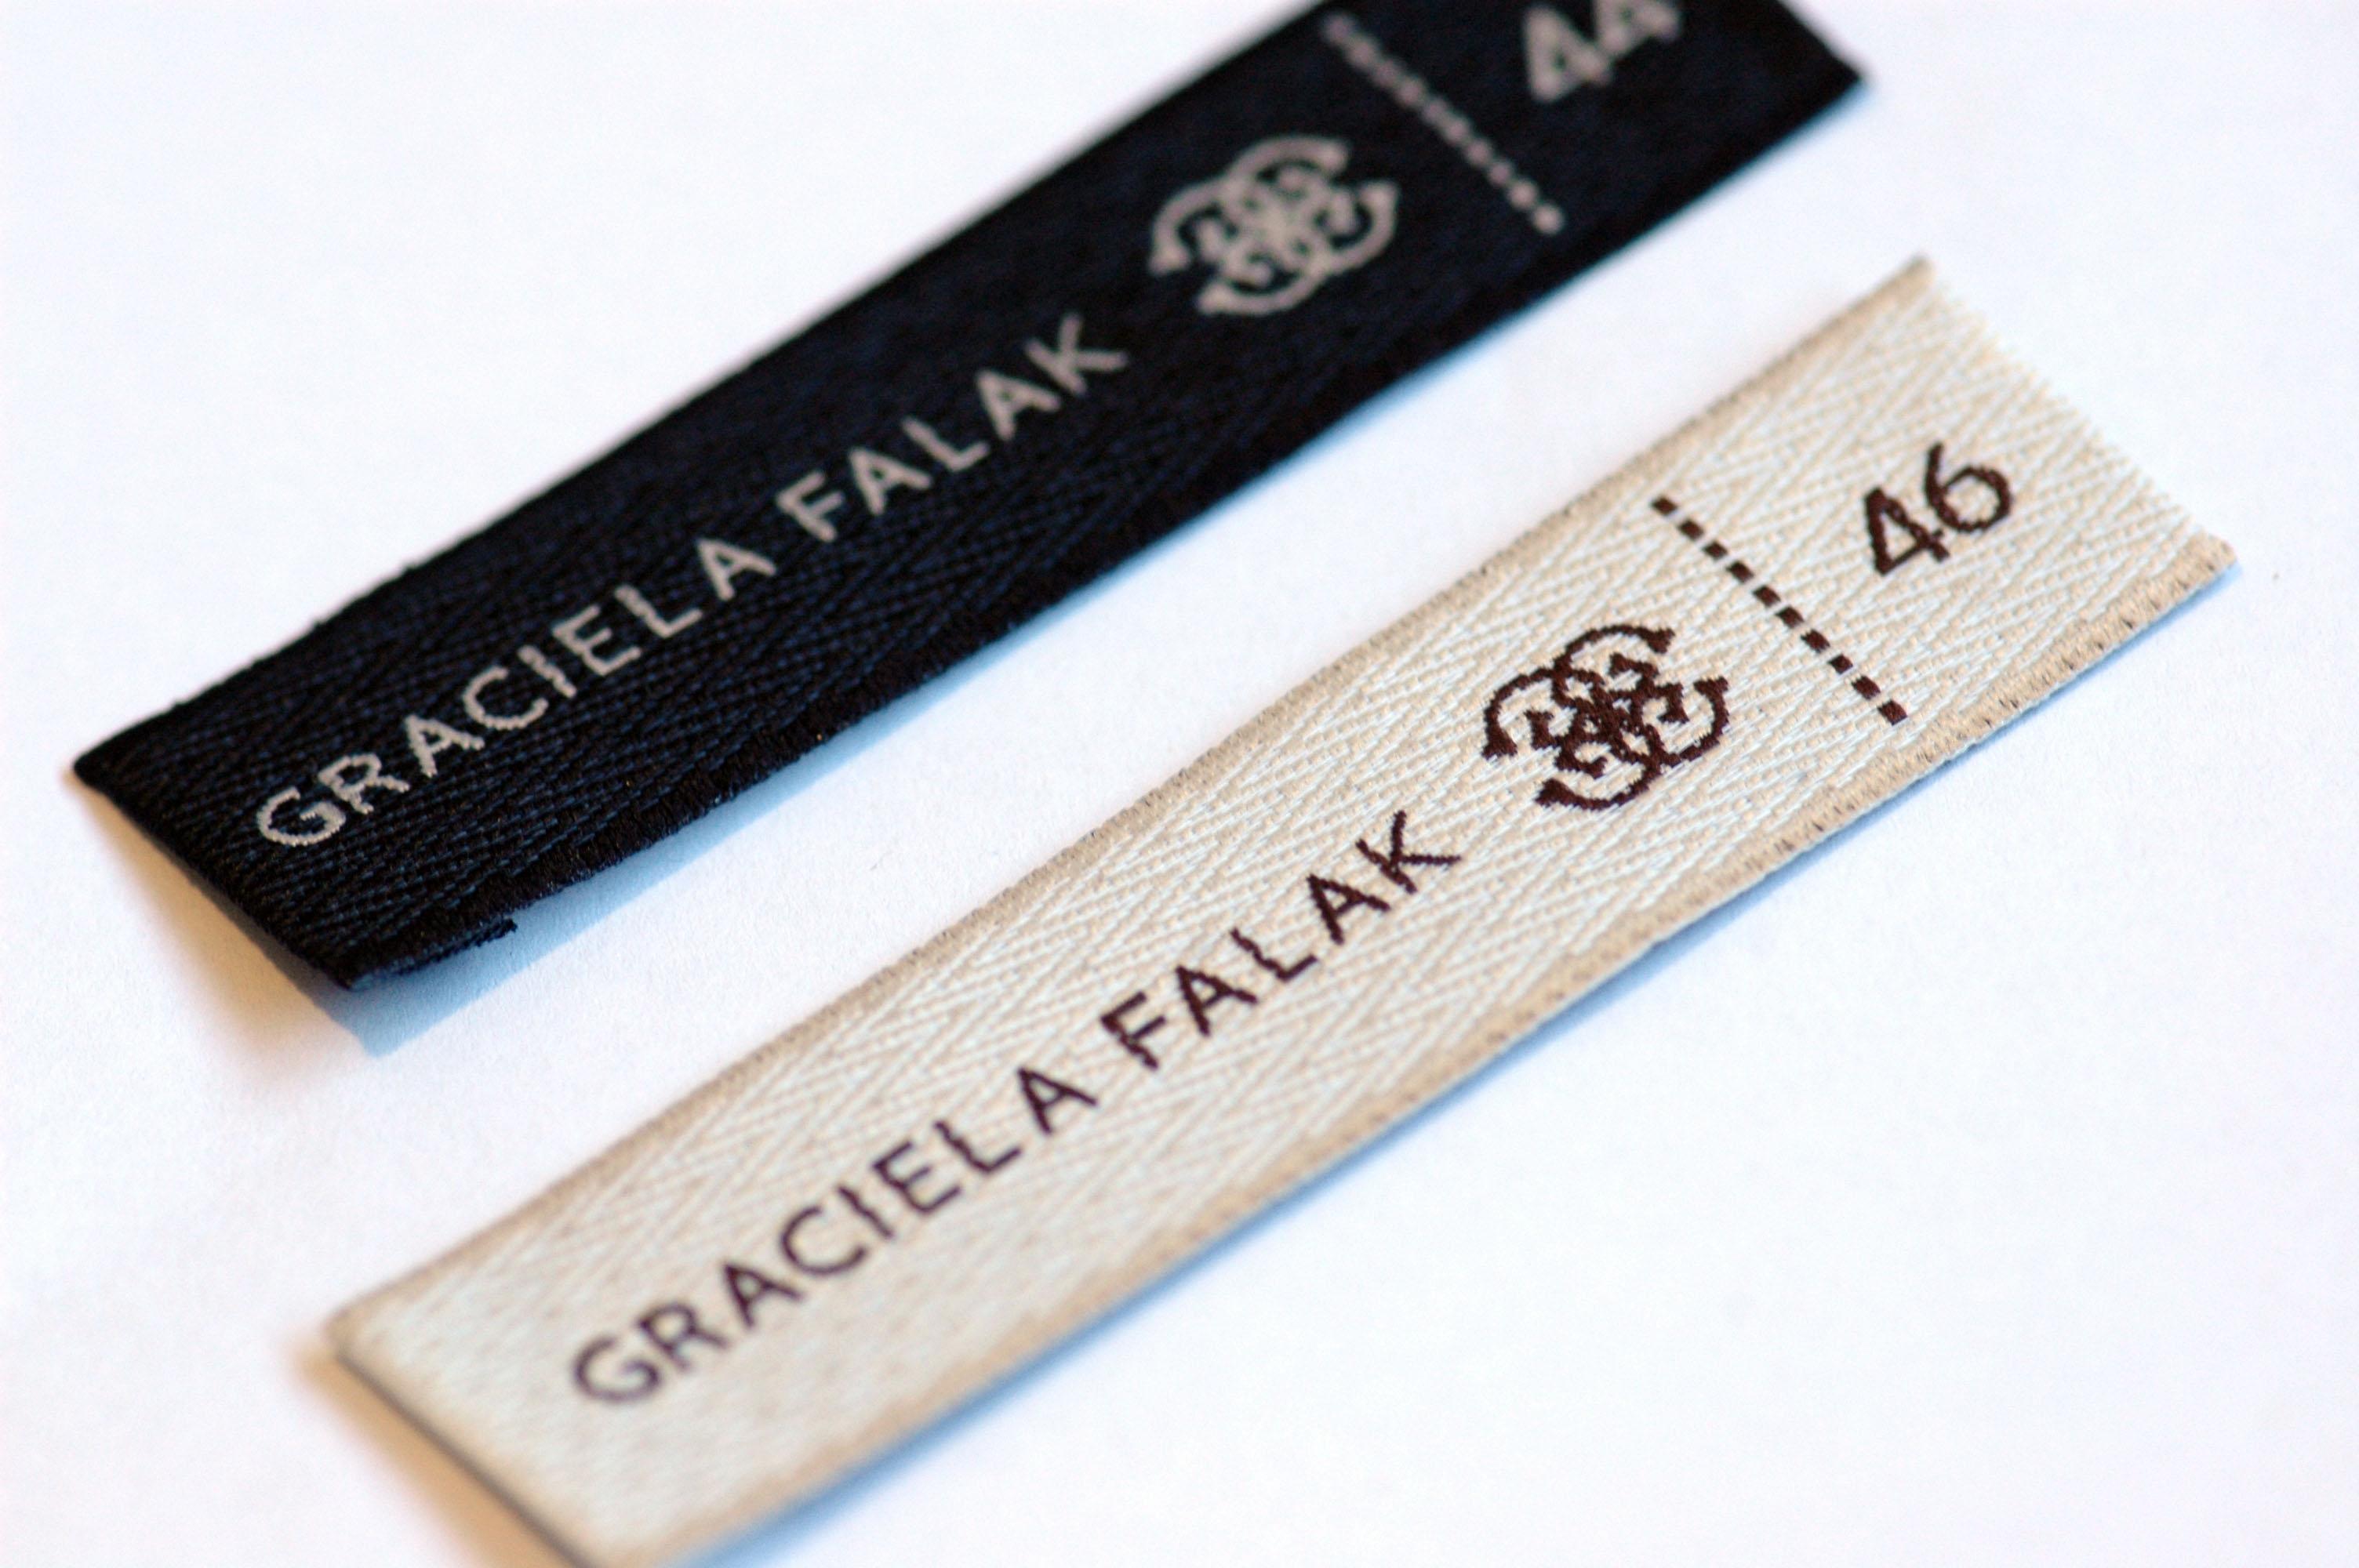 088db2001152 Uxia detalles de moda srl etiquetas para ropa